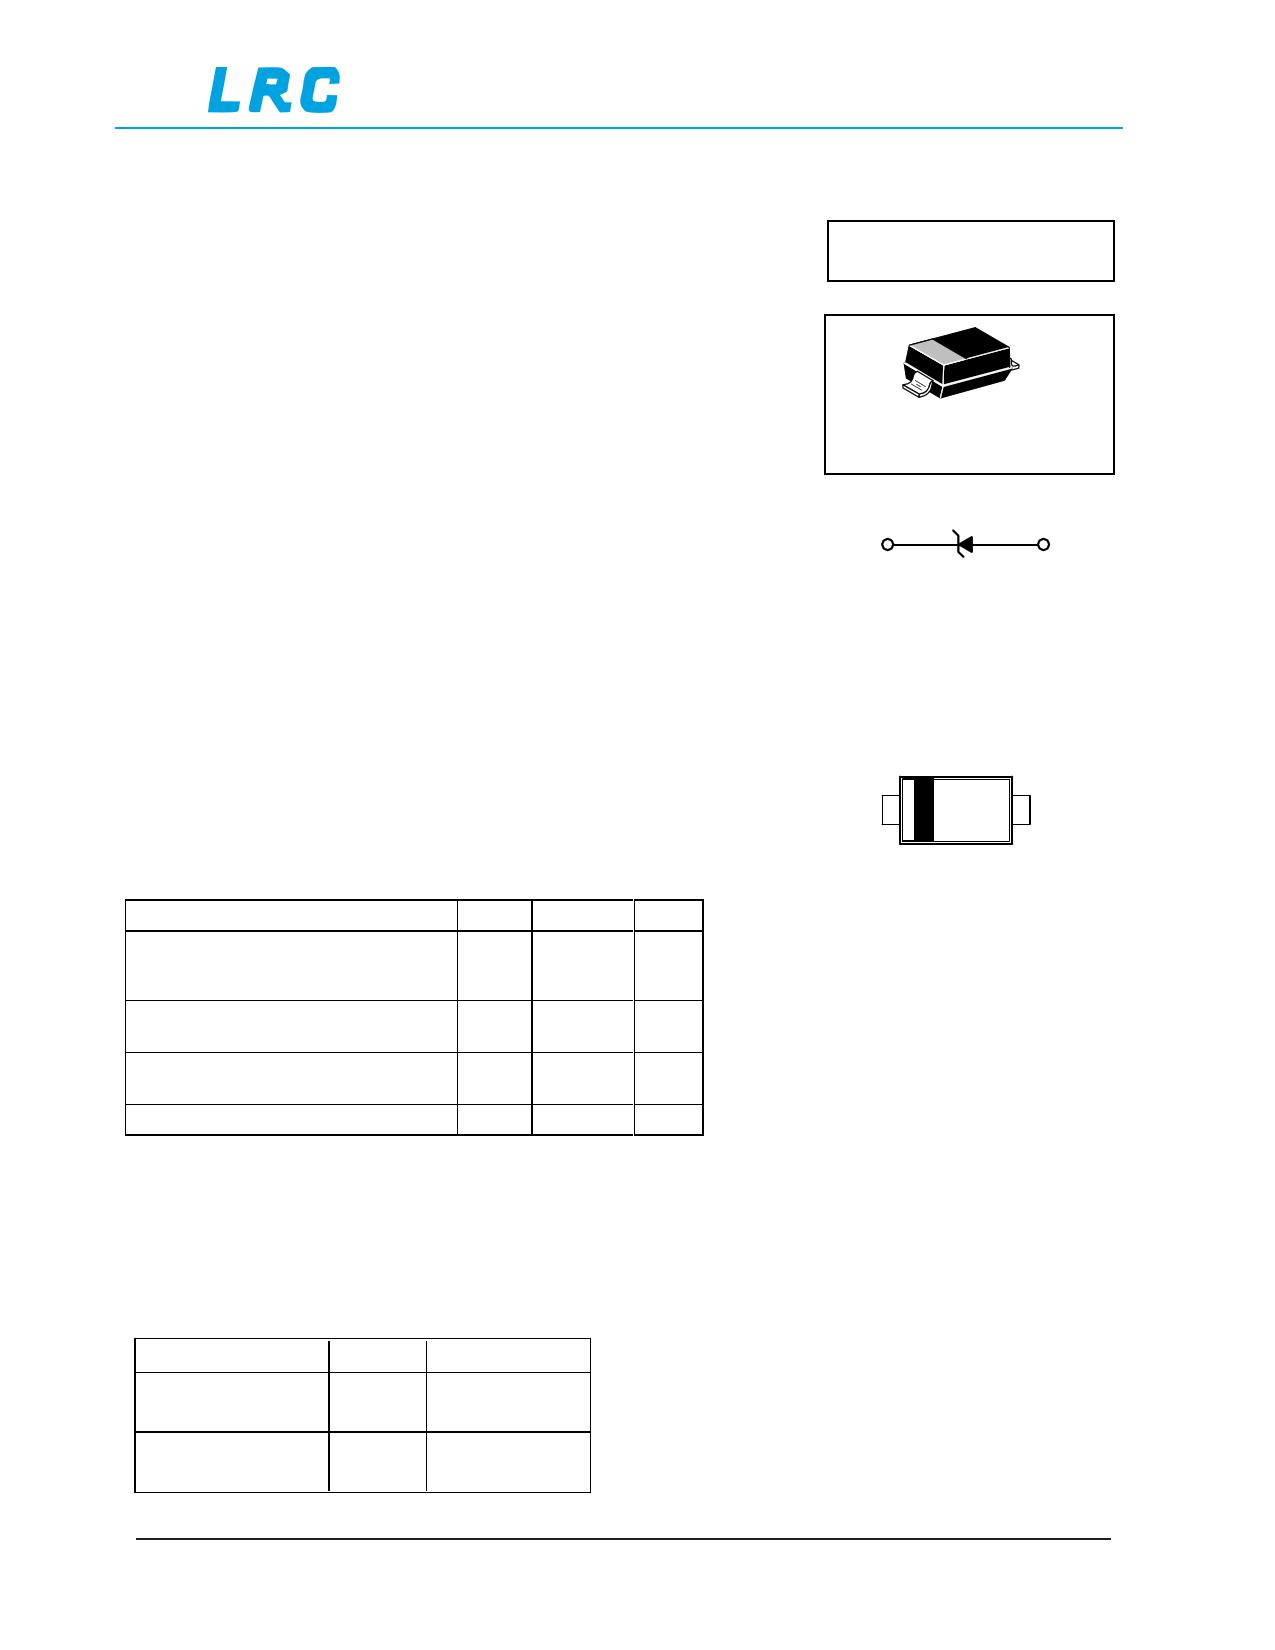 LMSZ5259BT1G datasheet, circuit